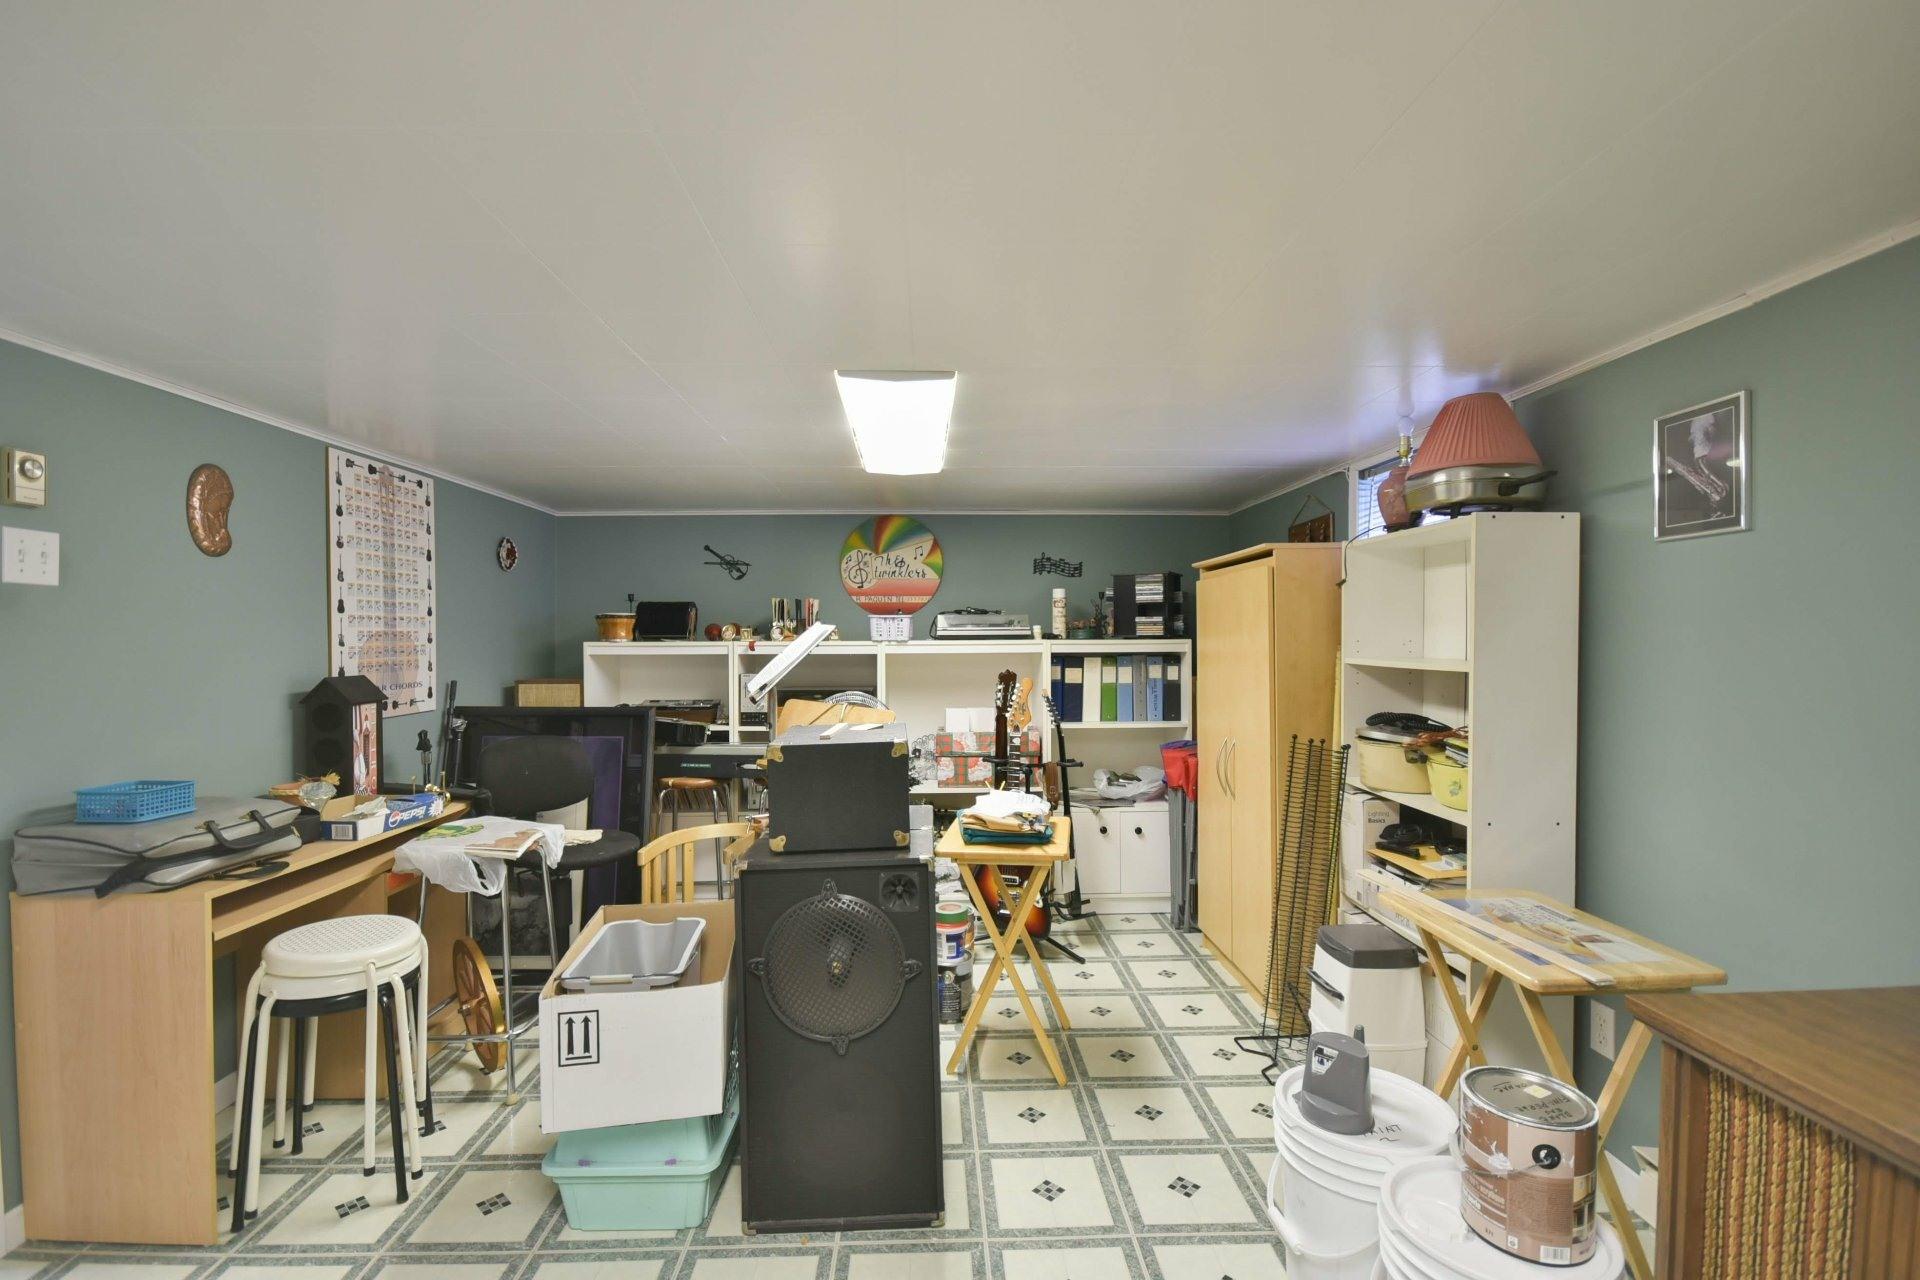 image 15 - Maison À vendre Trois-Rivières - 11 pièces